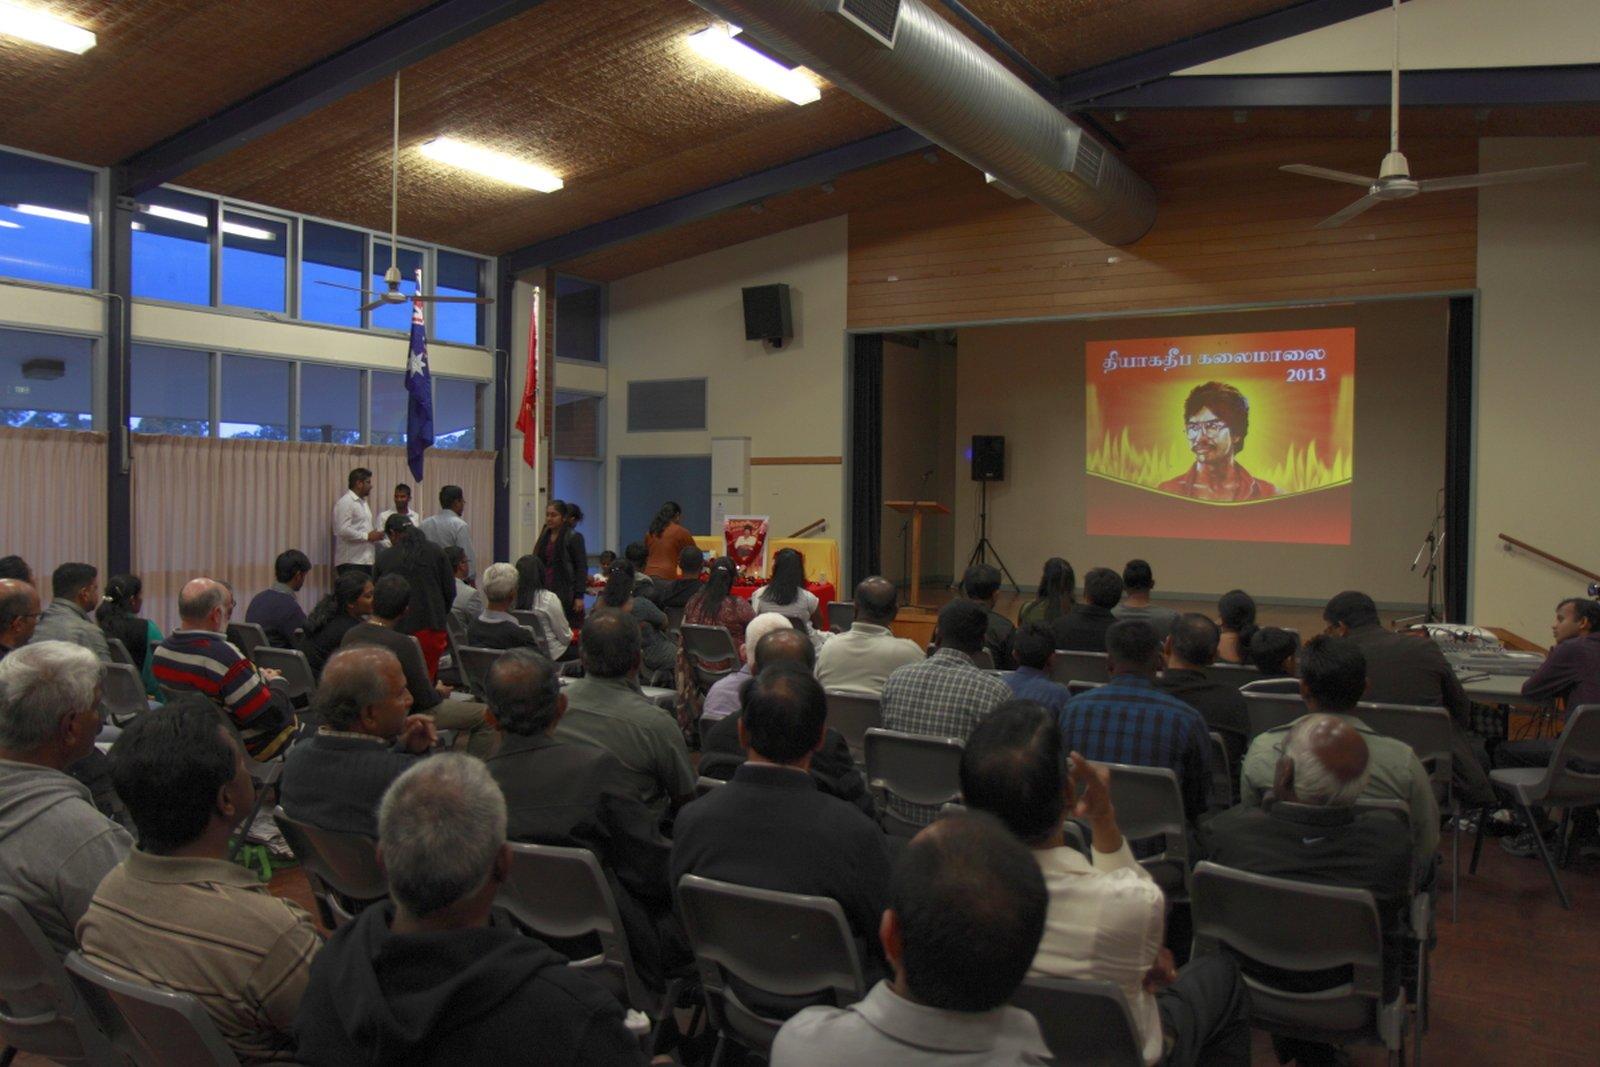 மெல்பேர்னில் உணர்வுபூர்வமாக நடைபெற்ற தியாக தீபம் திலீபன் நினைவு கலைமாலை Thiyaki Thileepan Event Melb 03